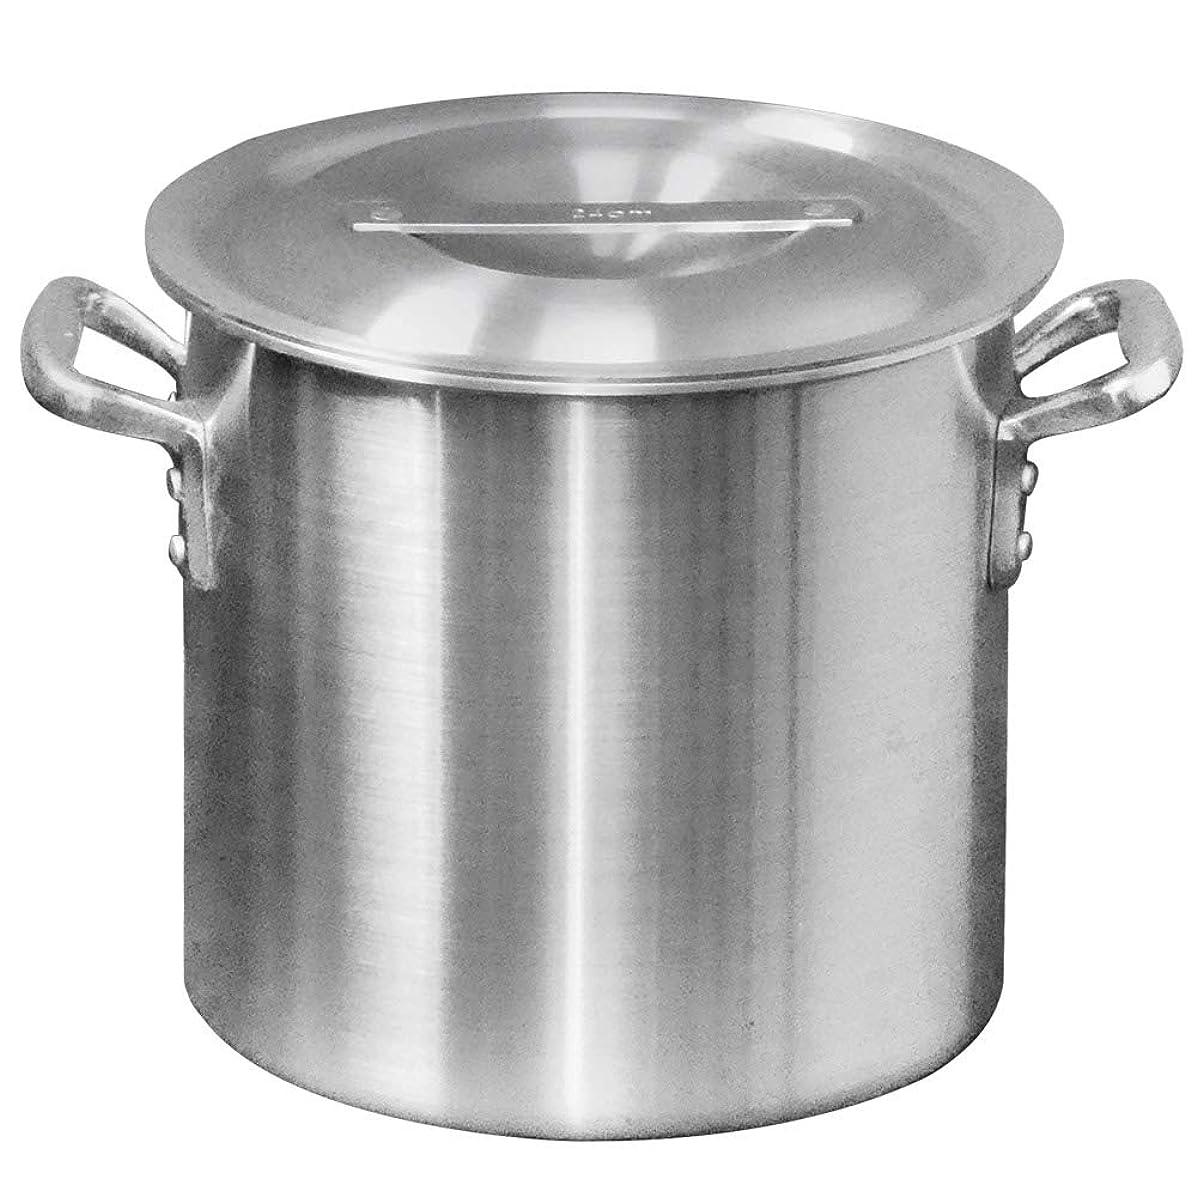 カラスチャペル肥満業務用アルミ寸胴鍋 プレミア 54cm